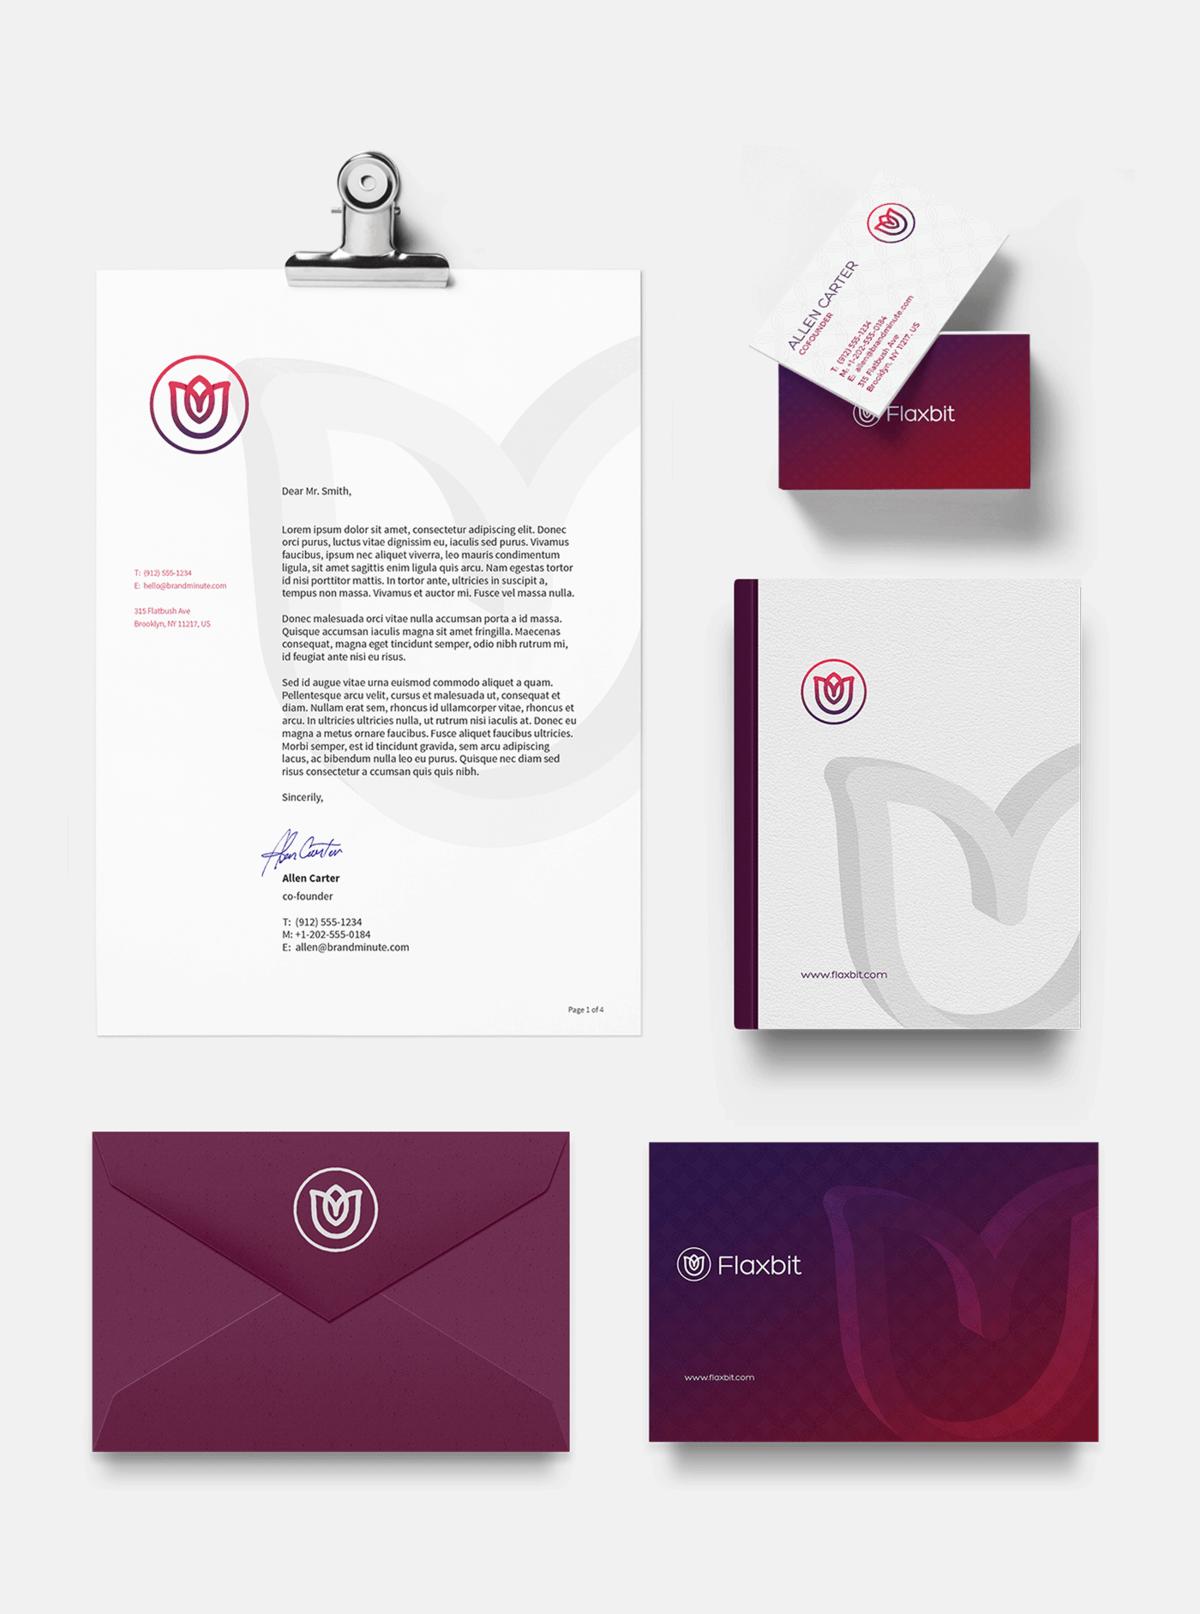 軟體開發品牌-印刷品視覺設計